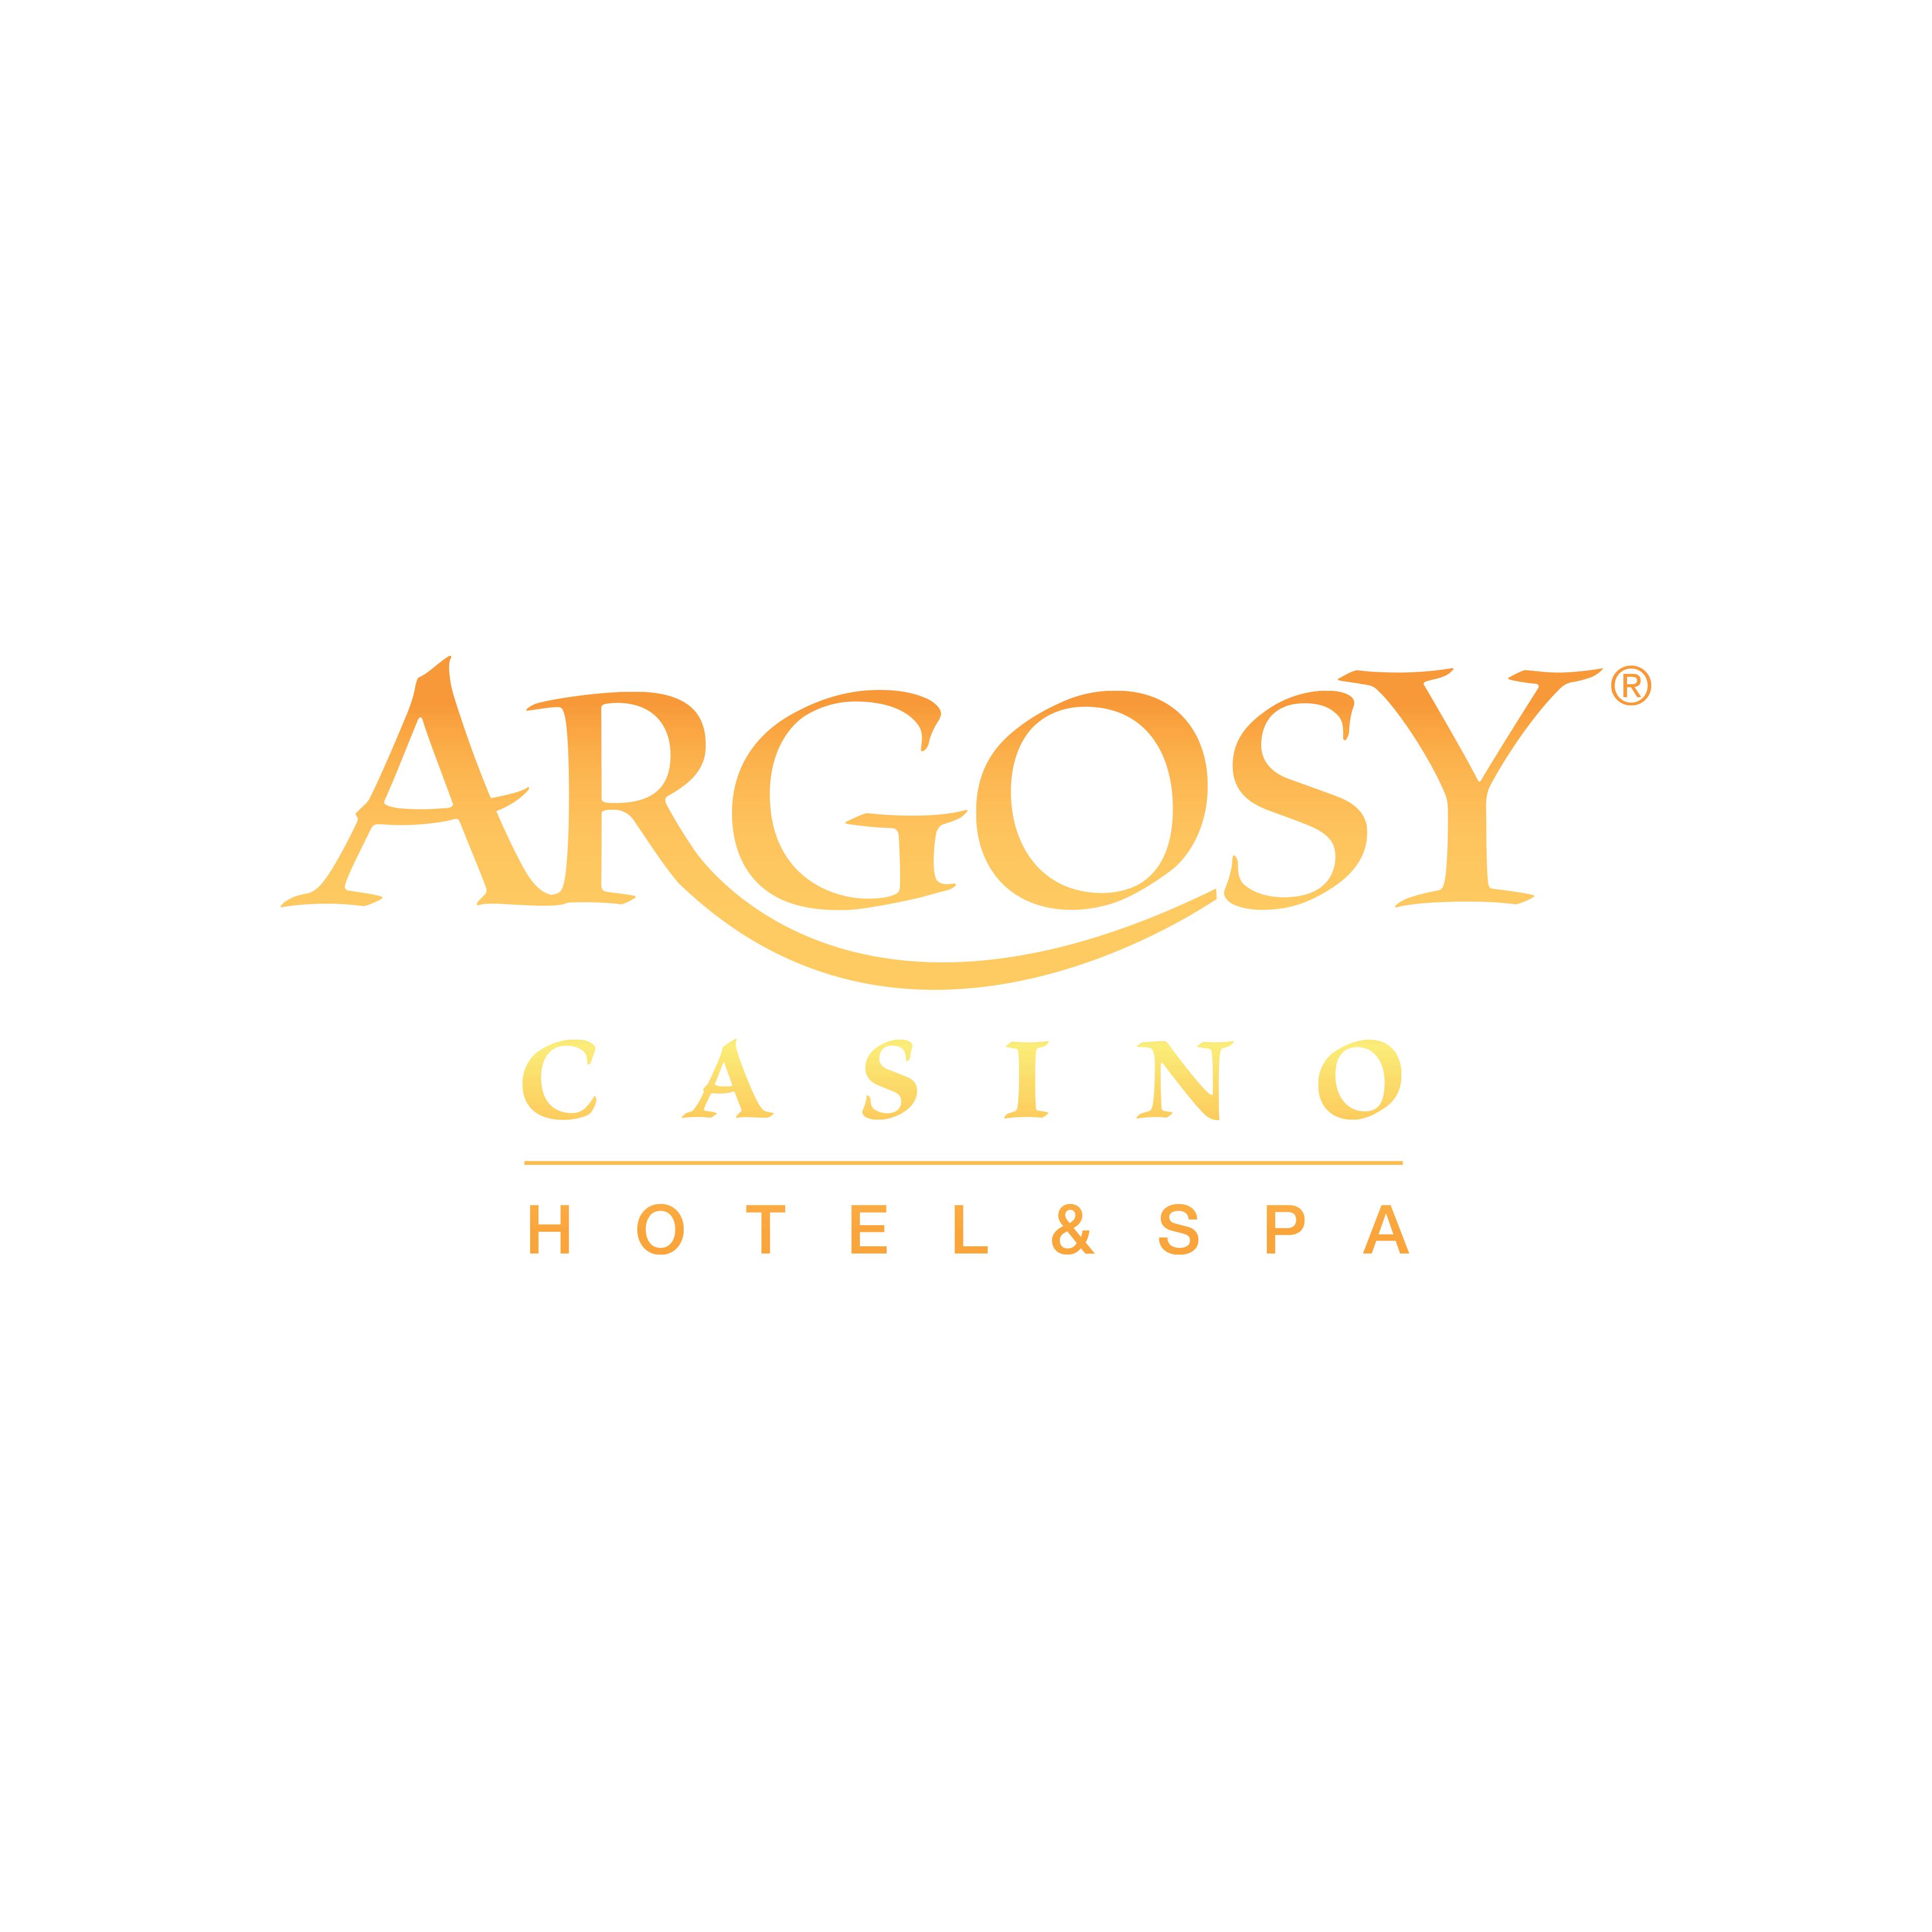 Argosy Casino Hotel Spa 777 N W Argosy Casino Parkway